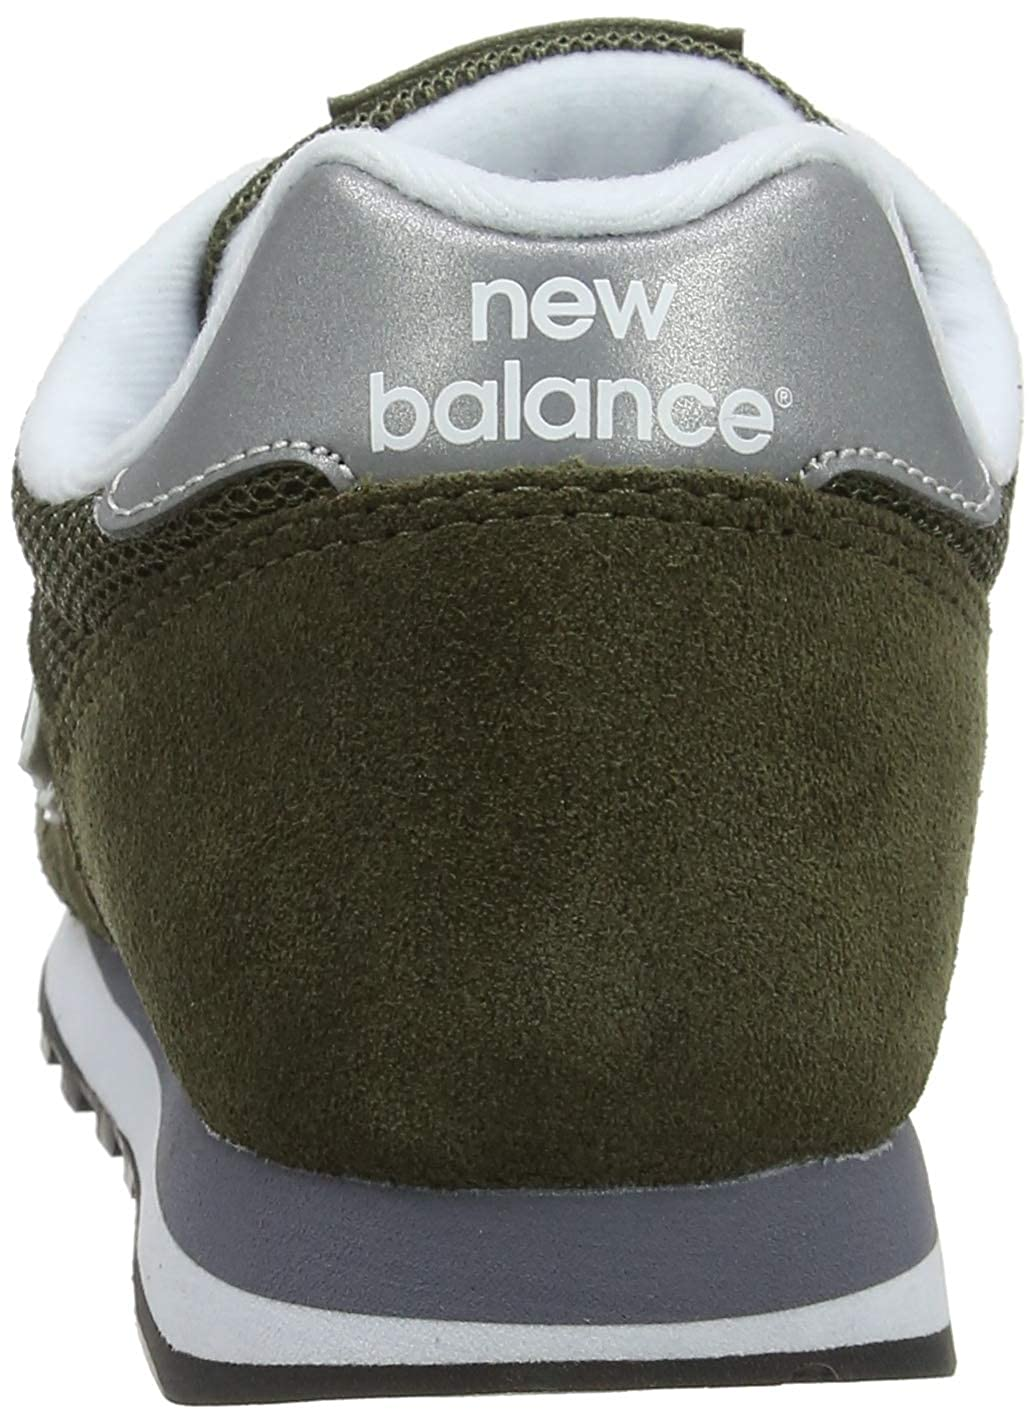 New Balance Herren ML373 ML373 ML373 Turnschuhe  cf85cf